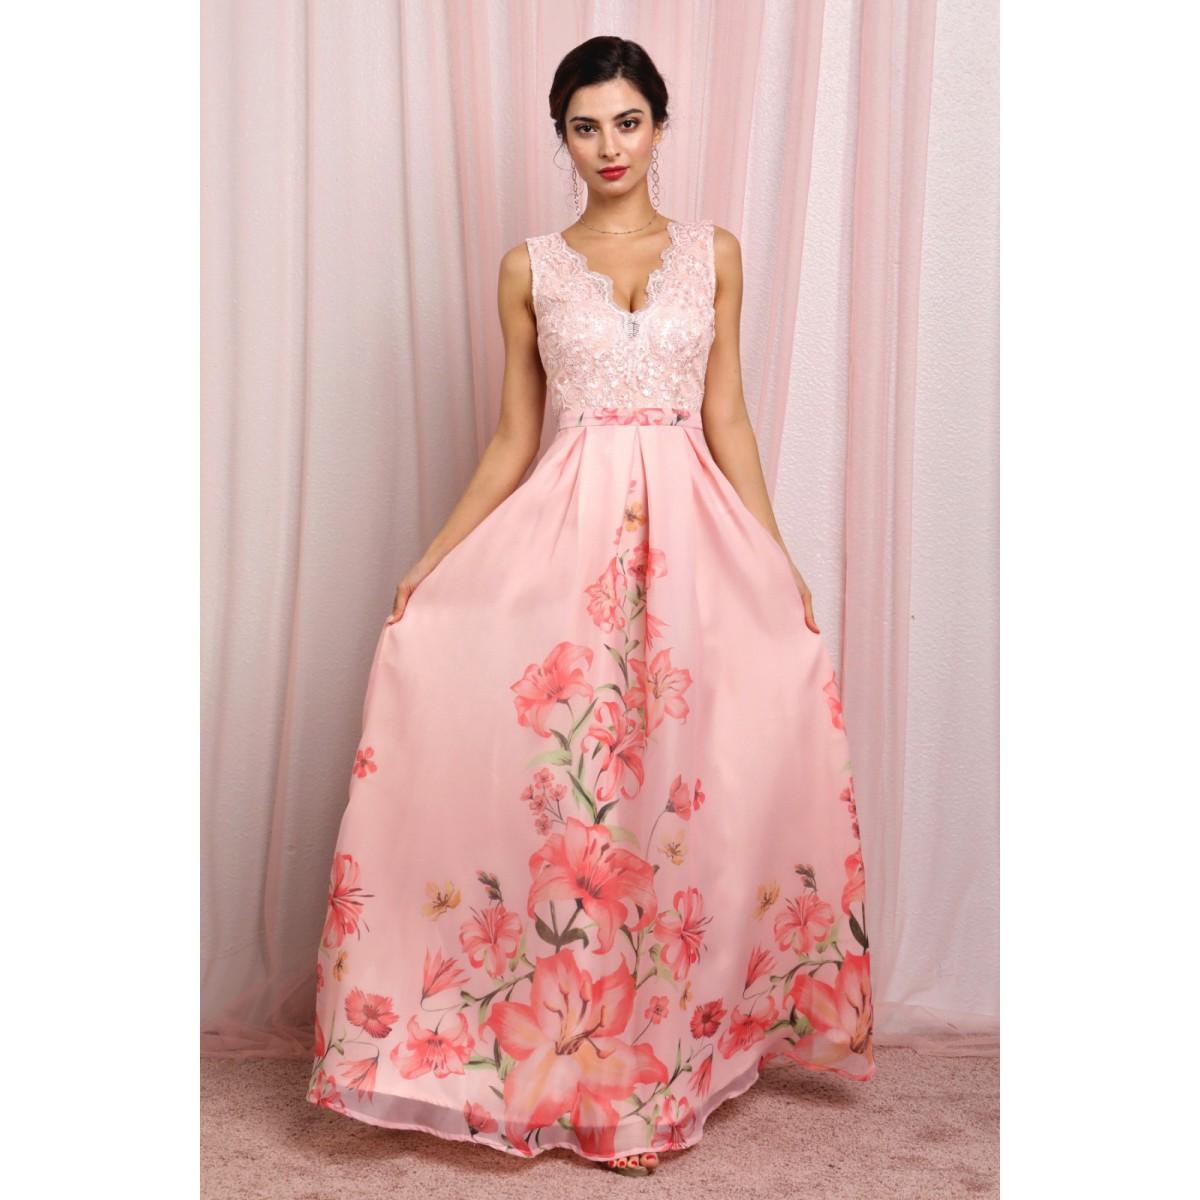 Moderno Vestidos De Fiesta Reno Viñeta - Colección de Vestidos de ...